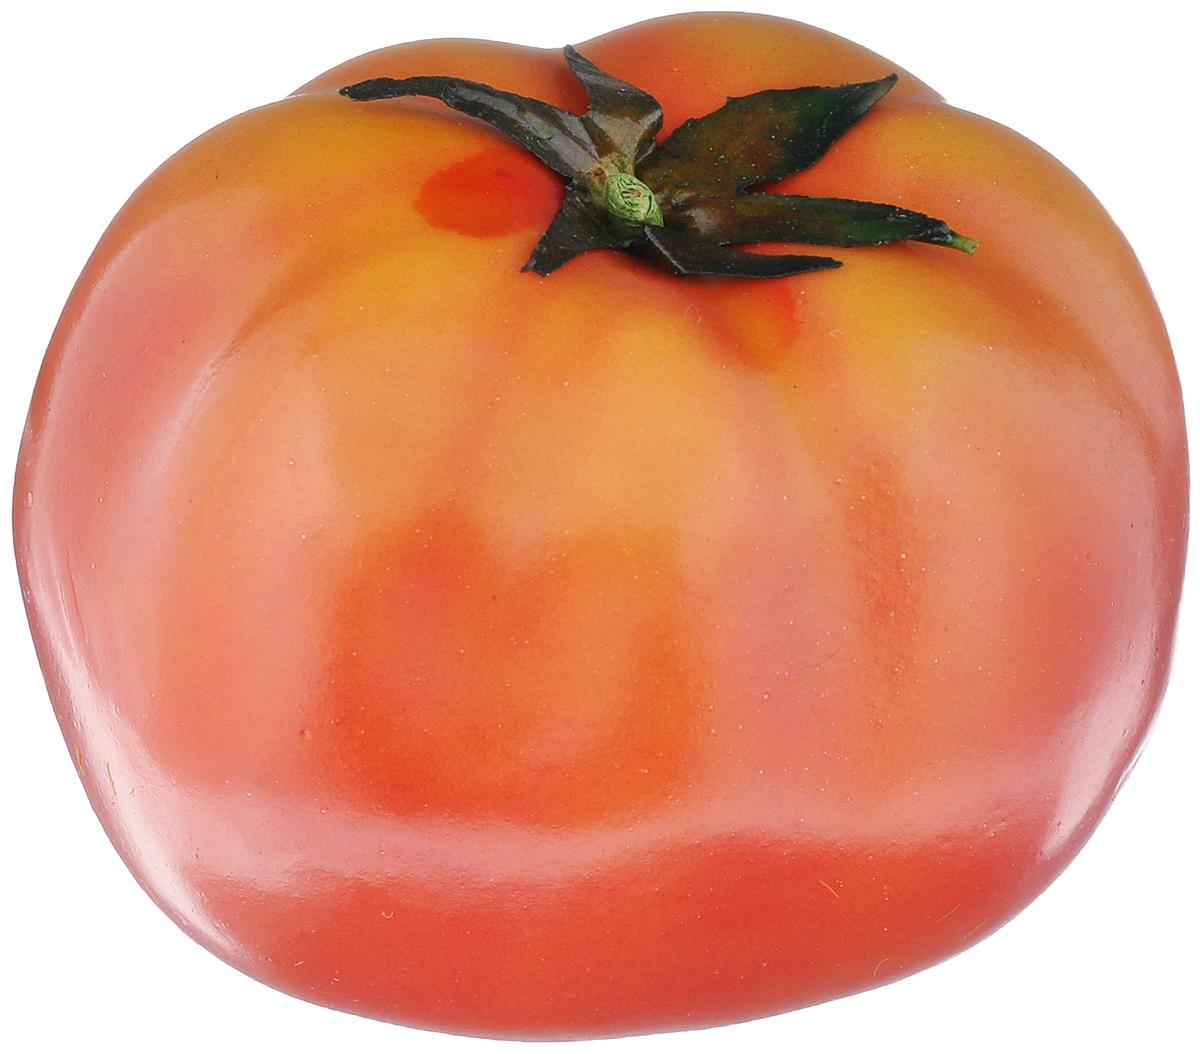 Муляж Томат, цвет: красный, 9 см211919Муляж Томат изготовлен из полиуретана, окрашен в естественные цвета. Предназначен для украшения интерьера дома.Диаметр муляжа: 9 см.